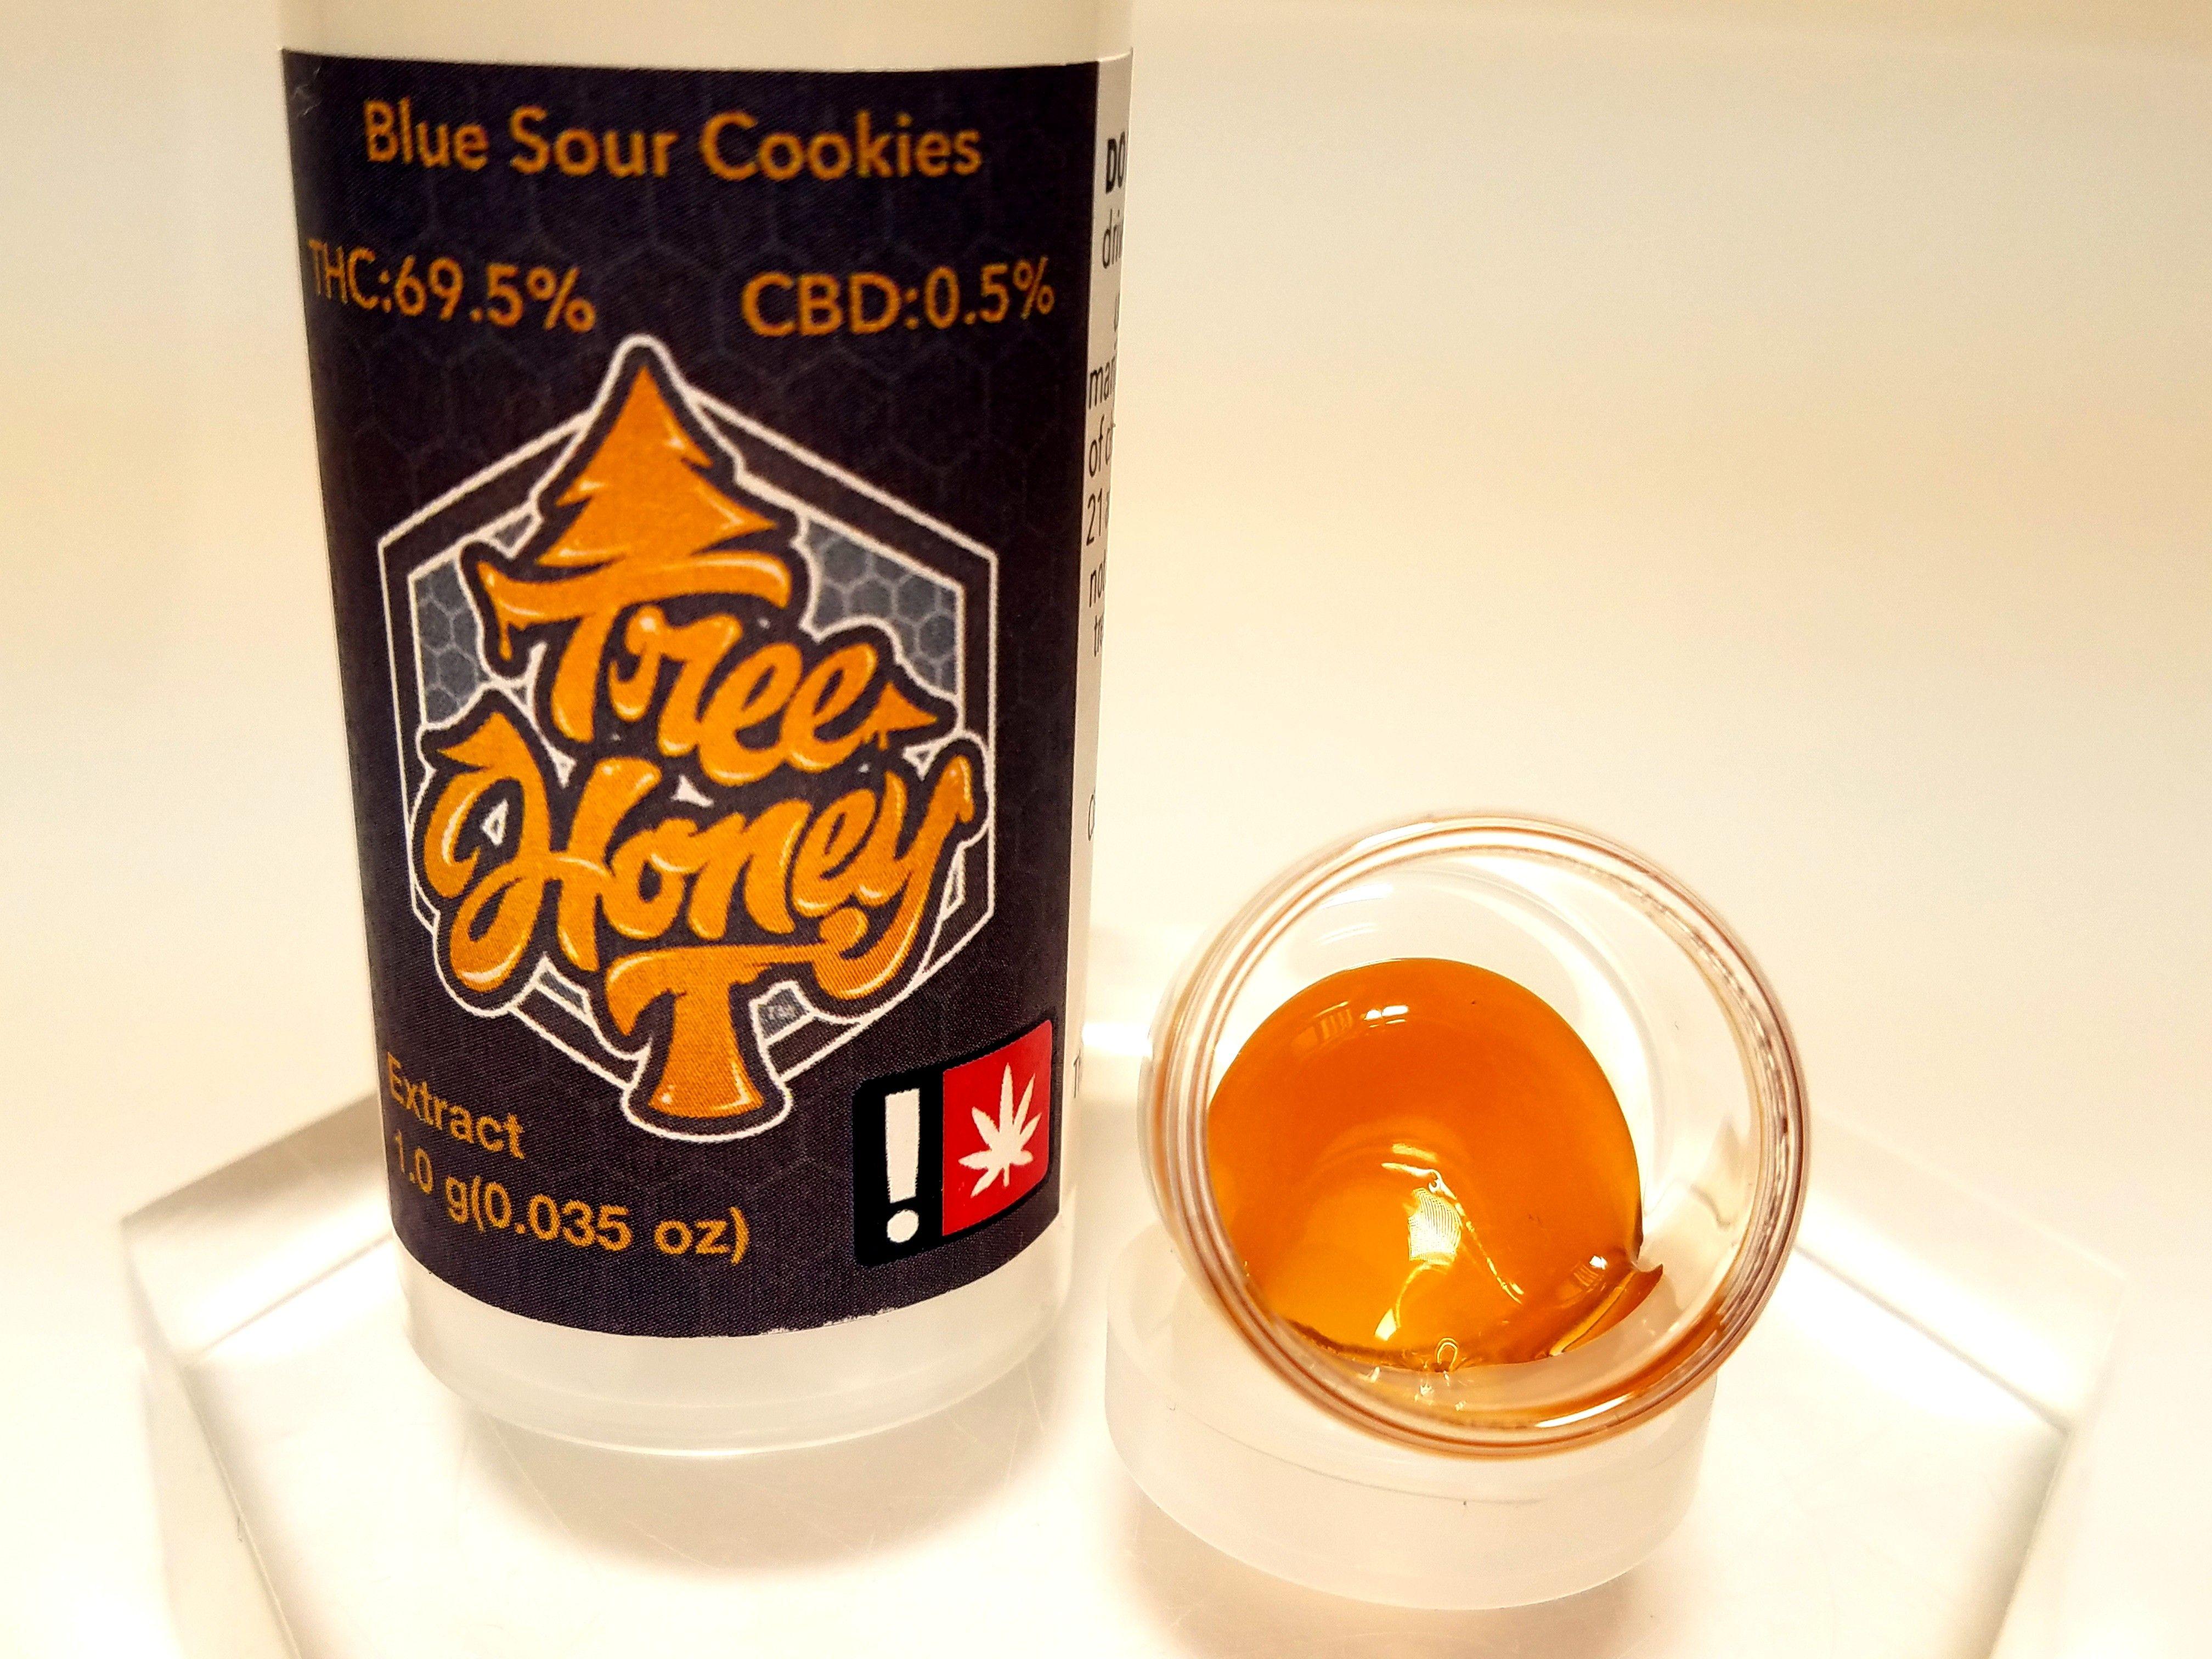 Tree Honey - Blue Sour Cookies, Hybrid, Pull-n-snap